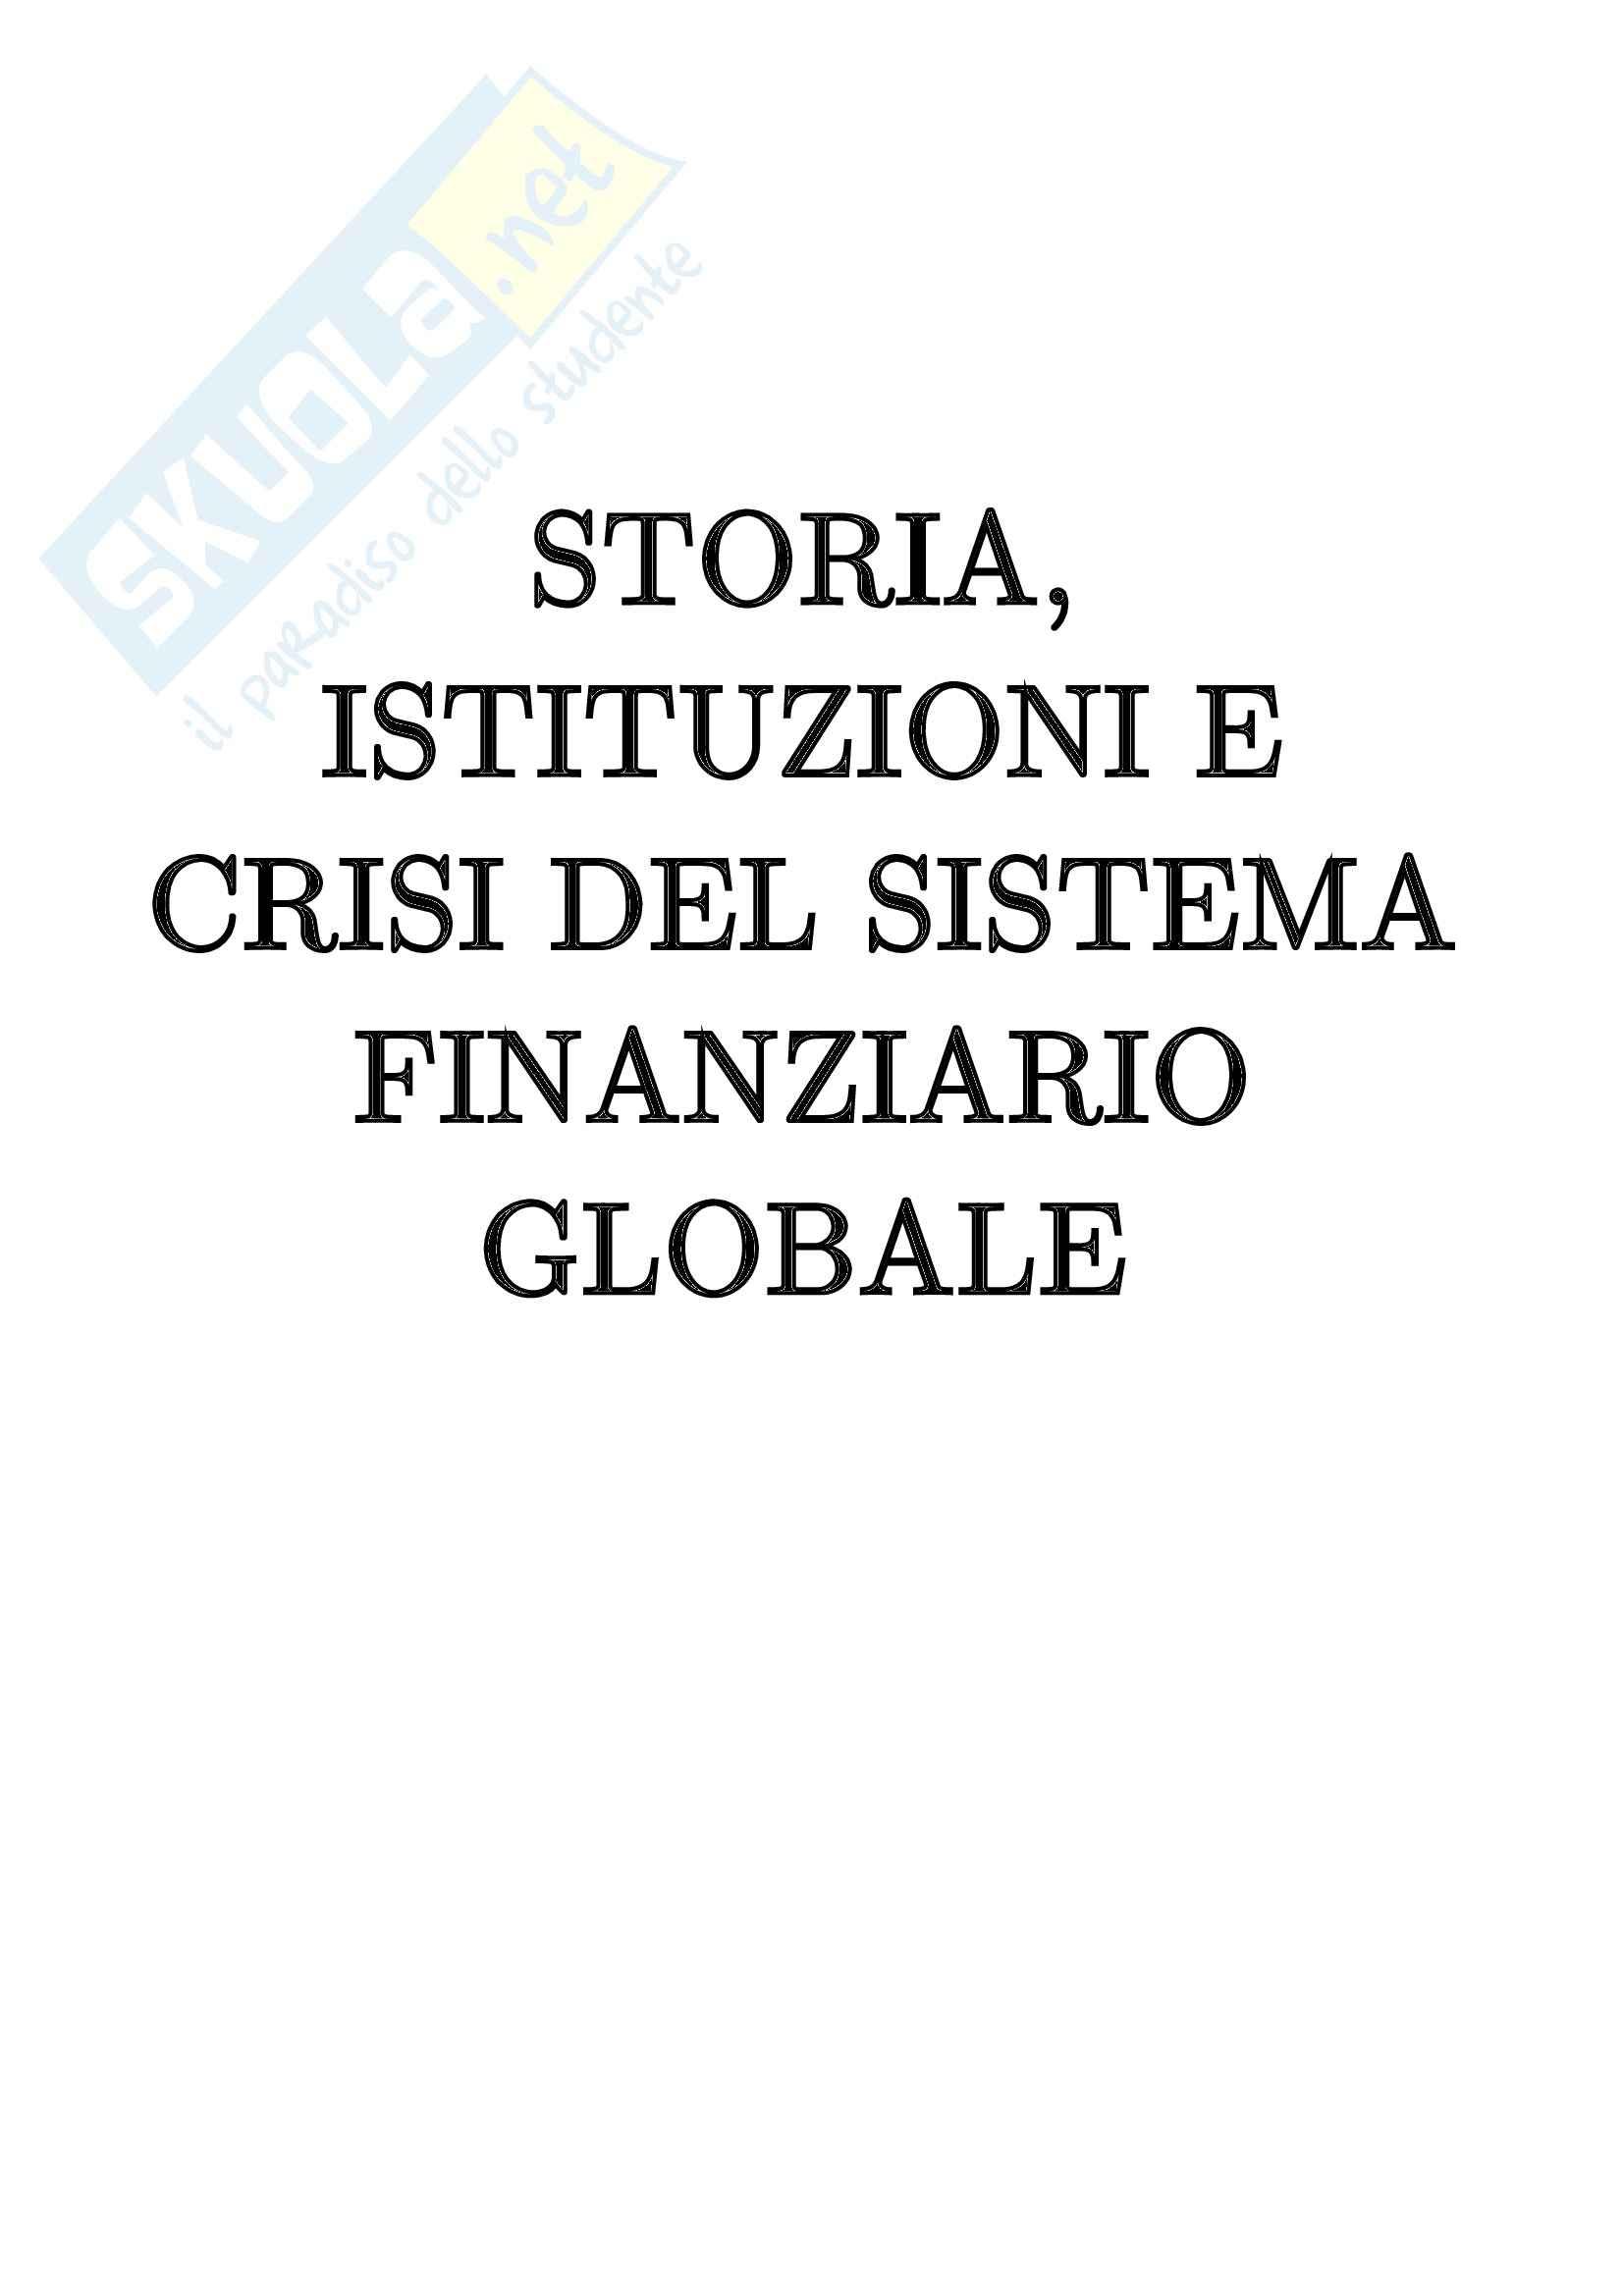 Storia, istituzioni e crisi del sistema finanziario globale - Appunti